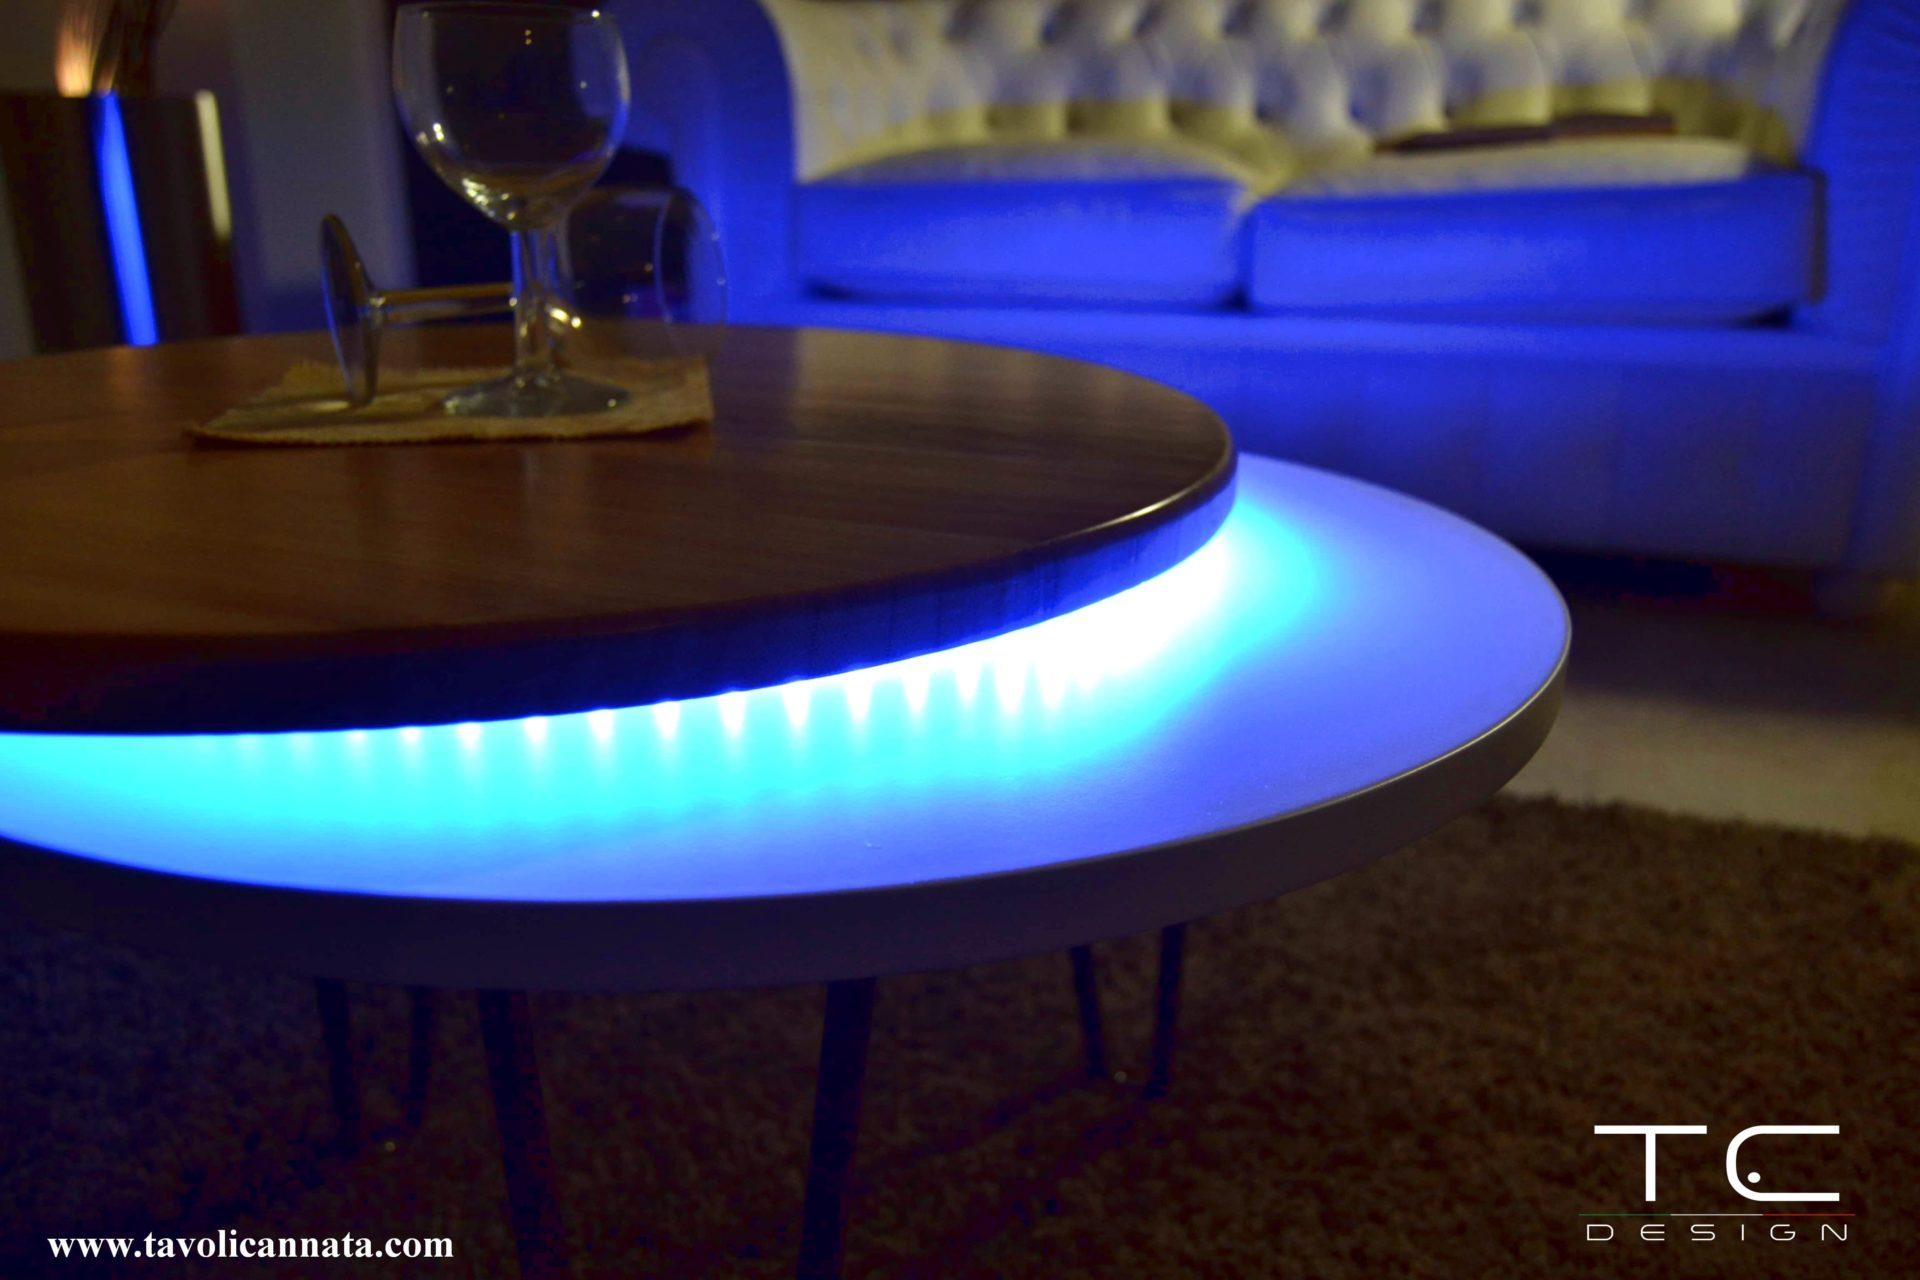 Tavolini Da Salotto Classici Foglia Oro.Tavolini Da Salotto Particolari Di Design Tavolini Cannata